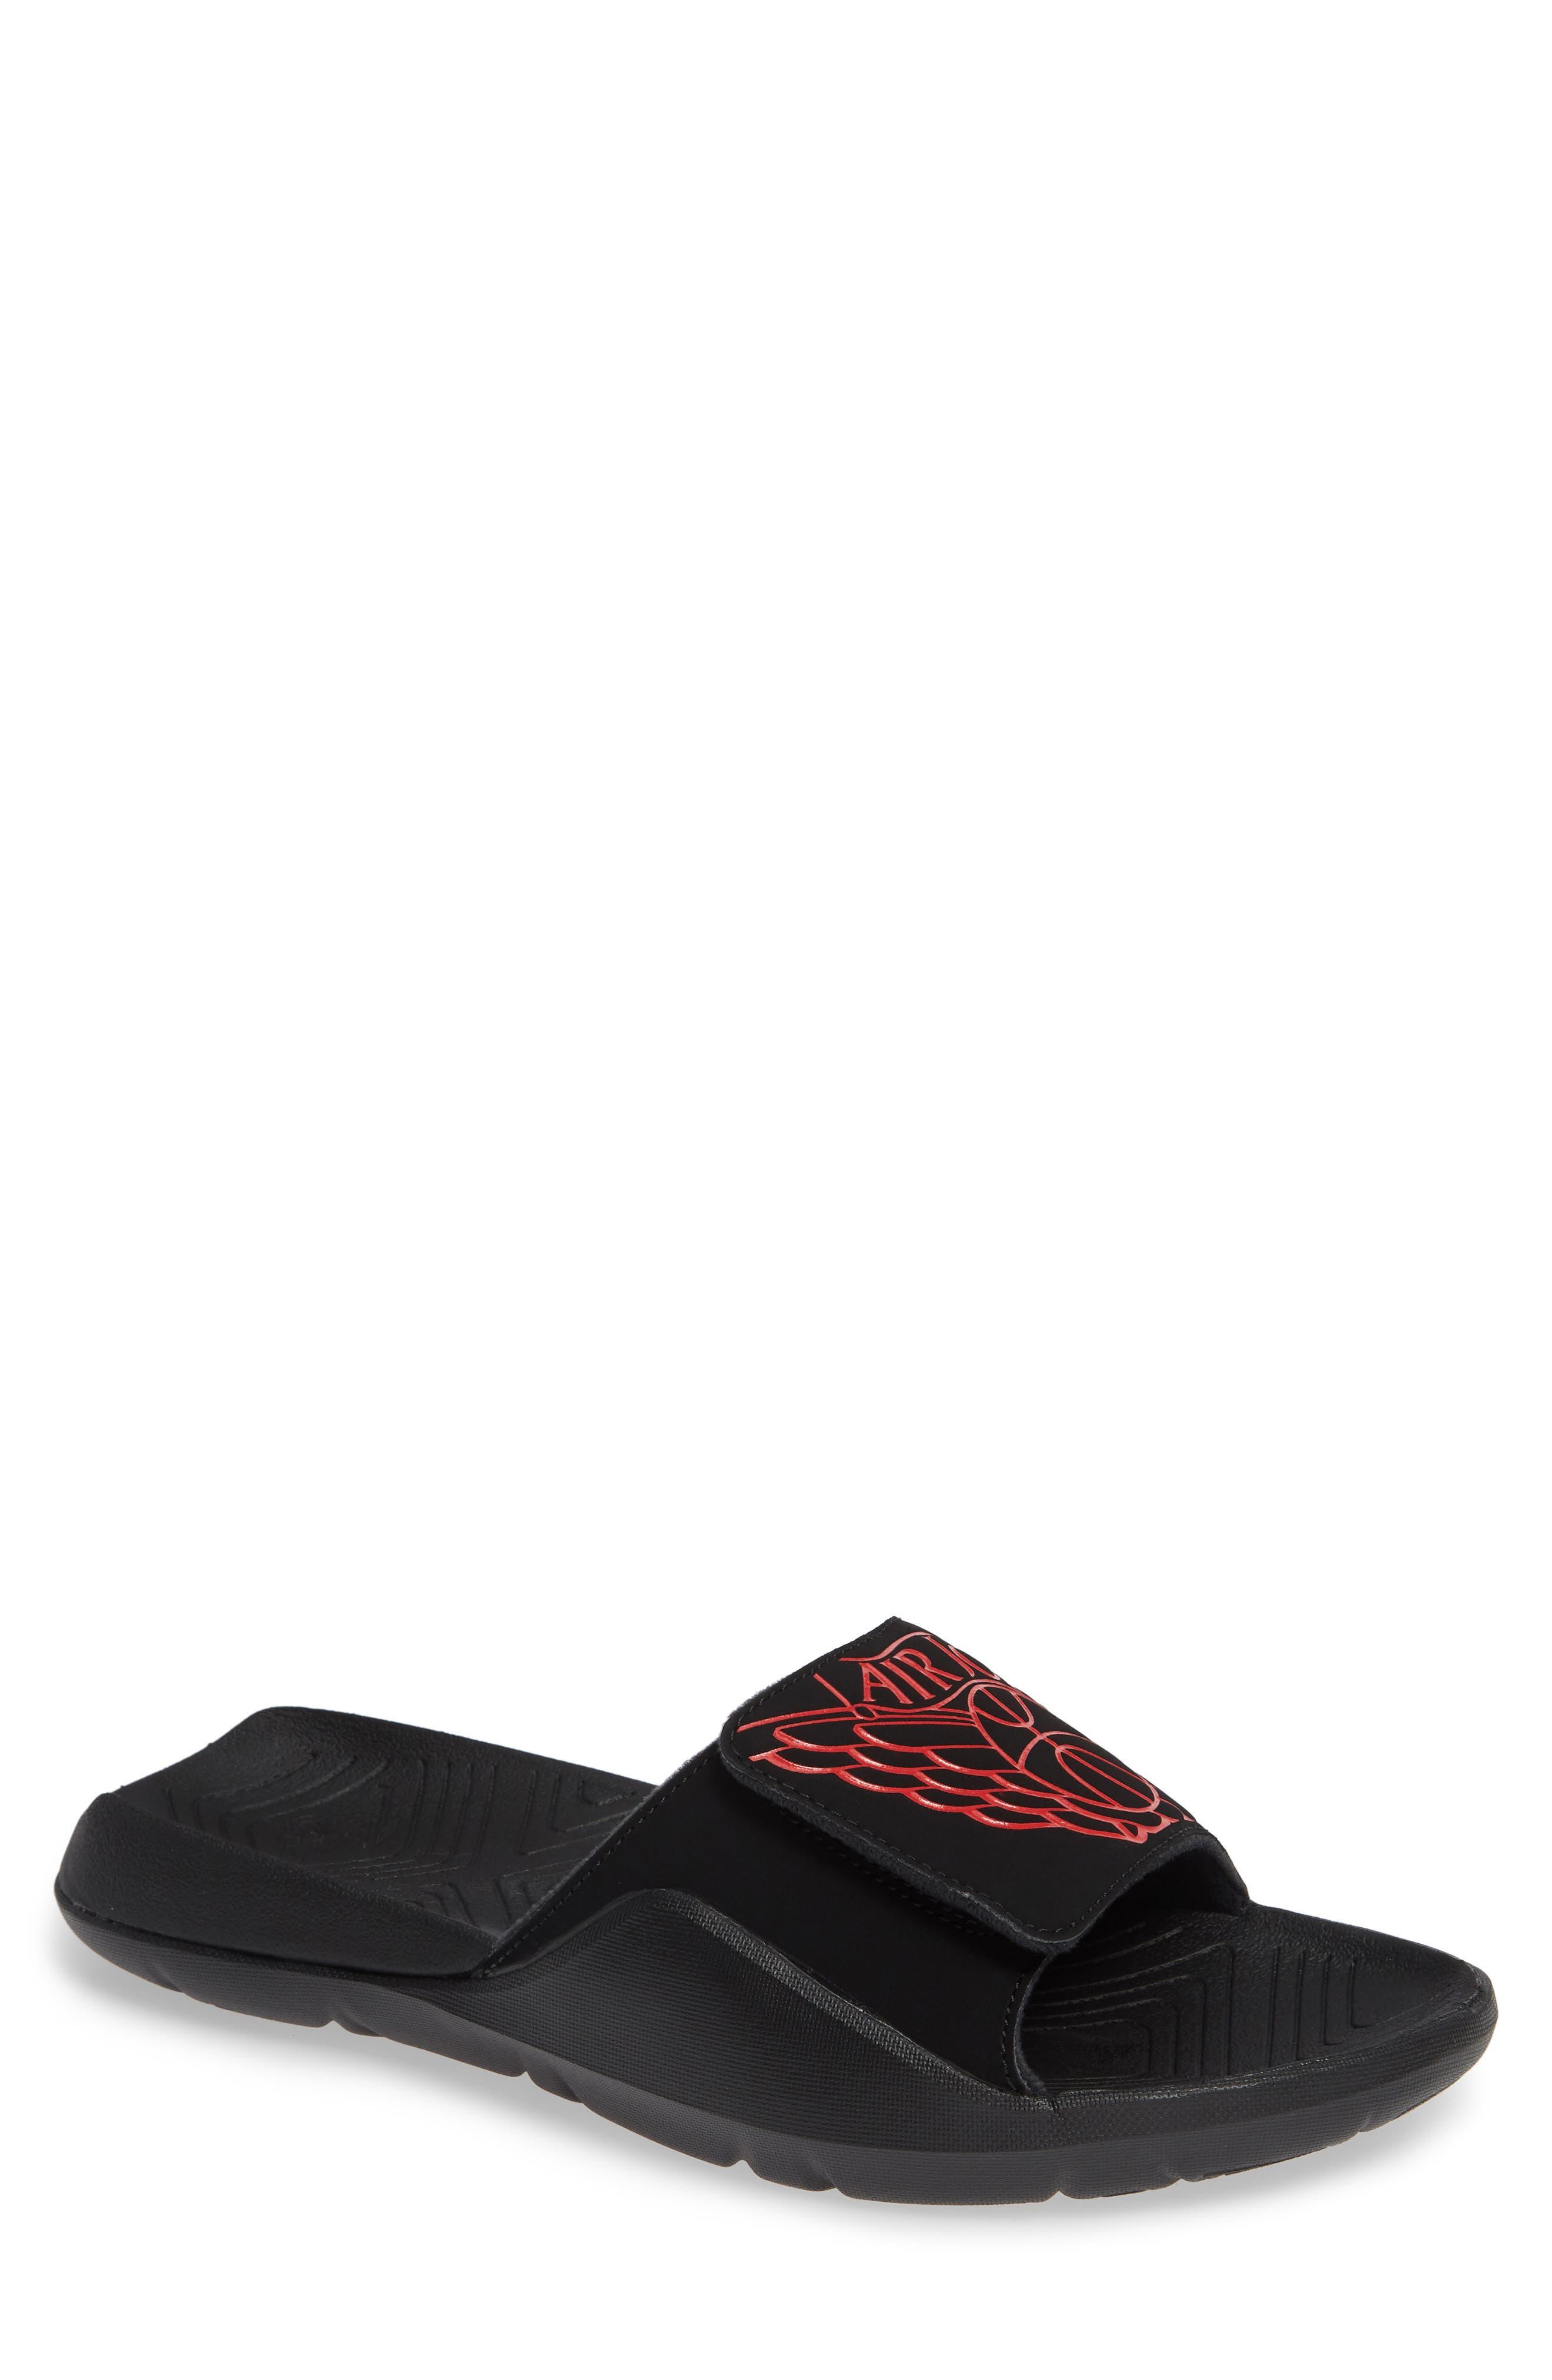 45e34453882e34 ... slide men f5b57 d3e74 get nike jordan hydro sport slide men f5b57  d3e74  shop nike mens kawa slide sandal mens nike lifestyle sandals 832646  010 black ...